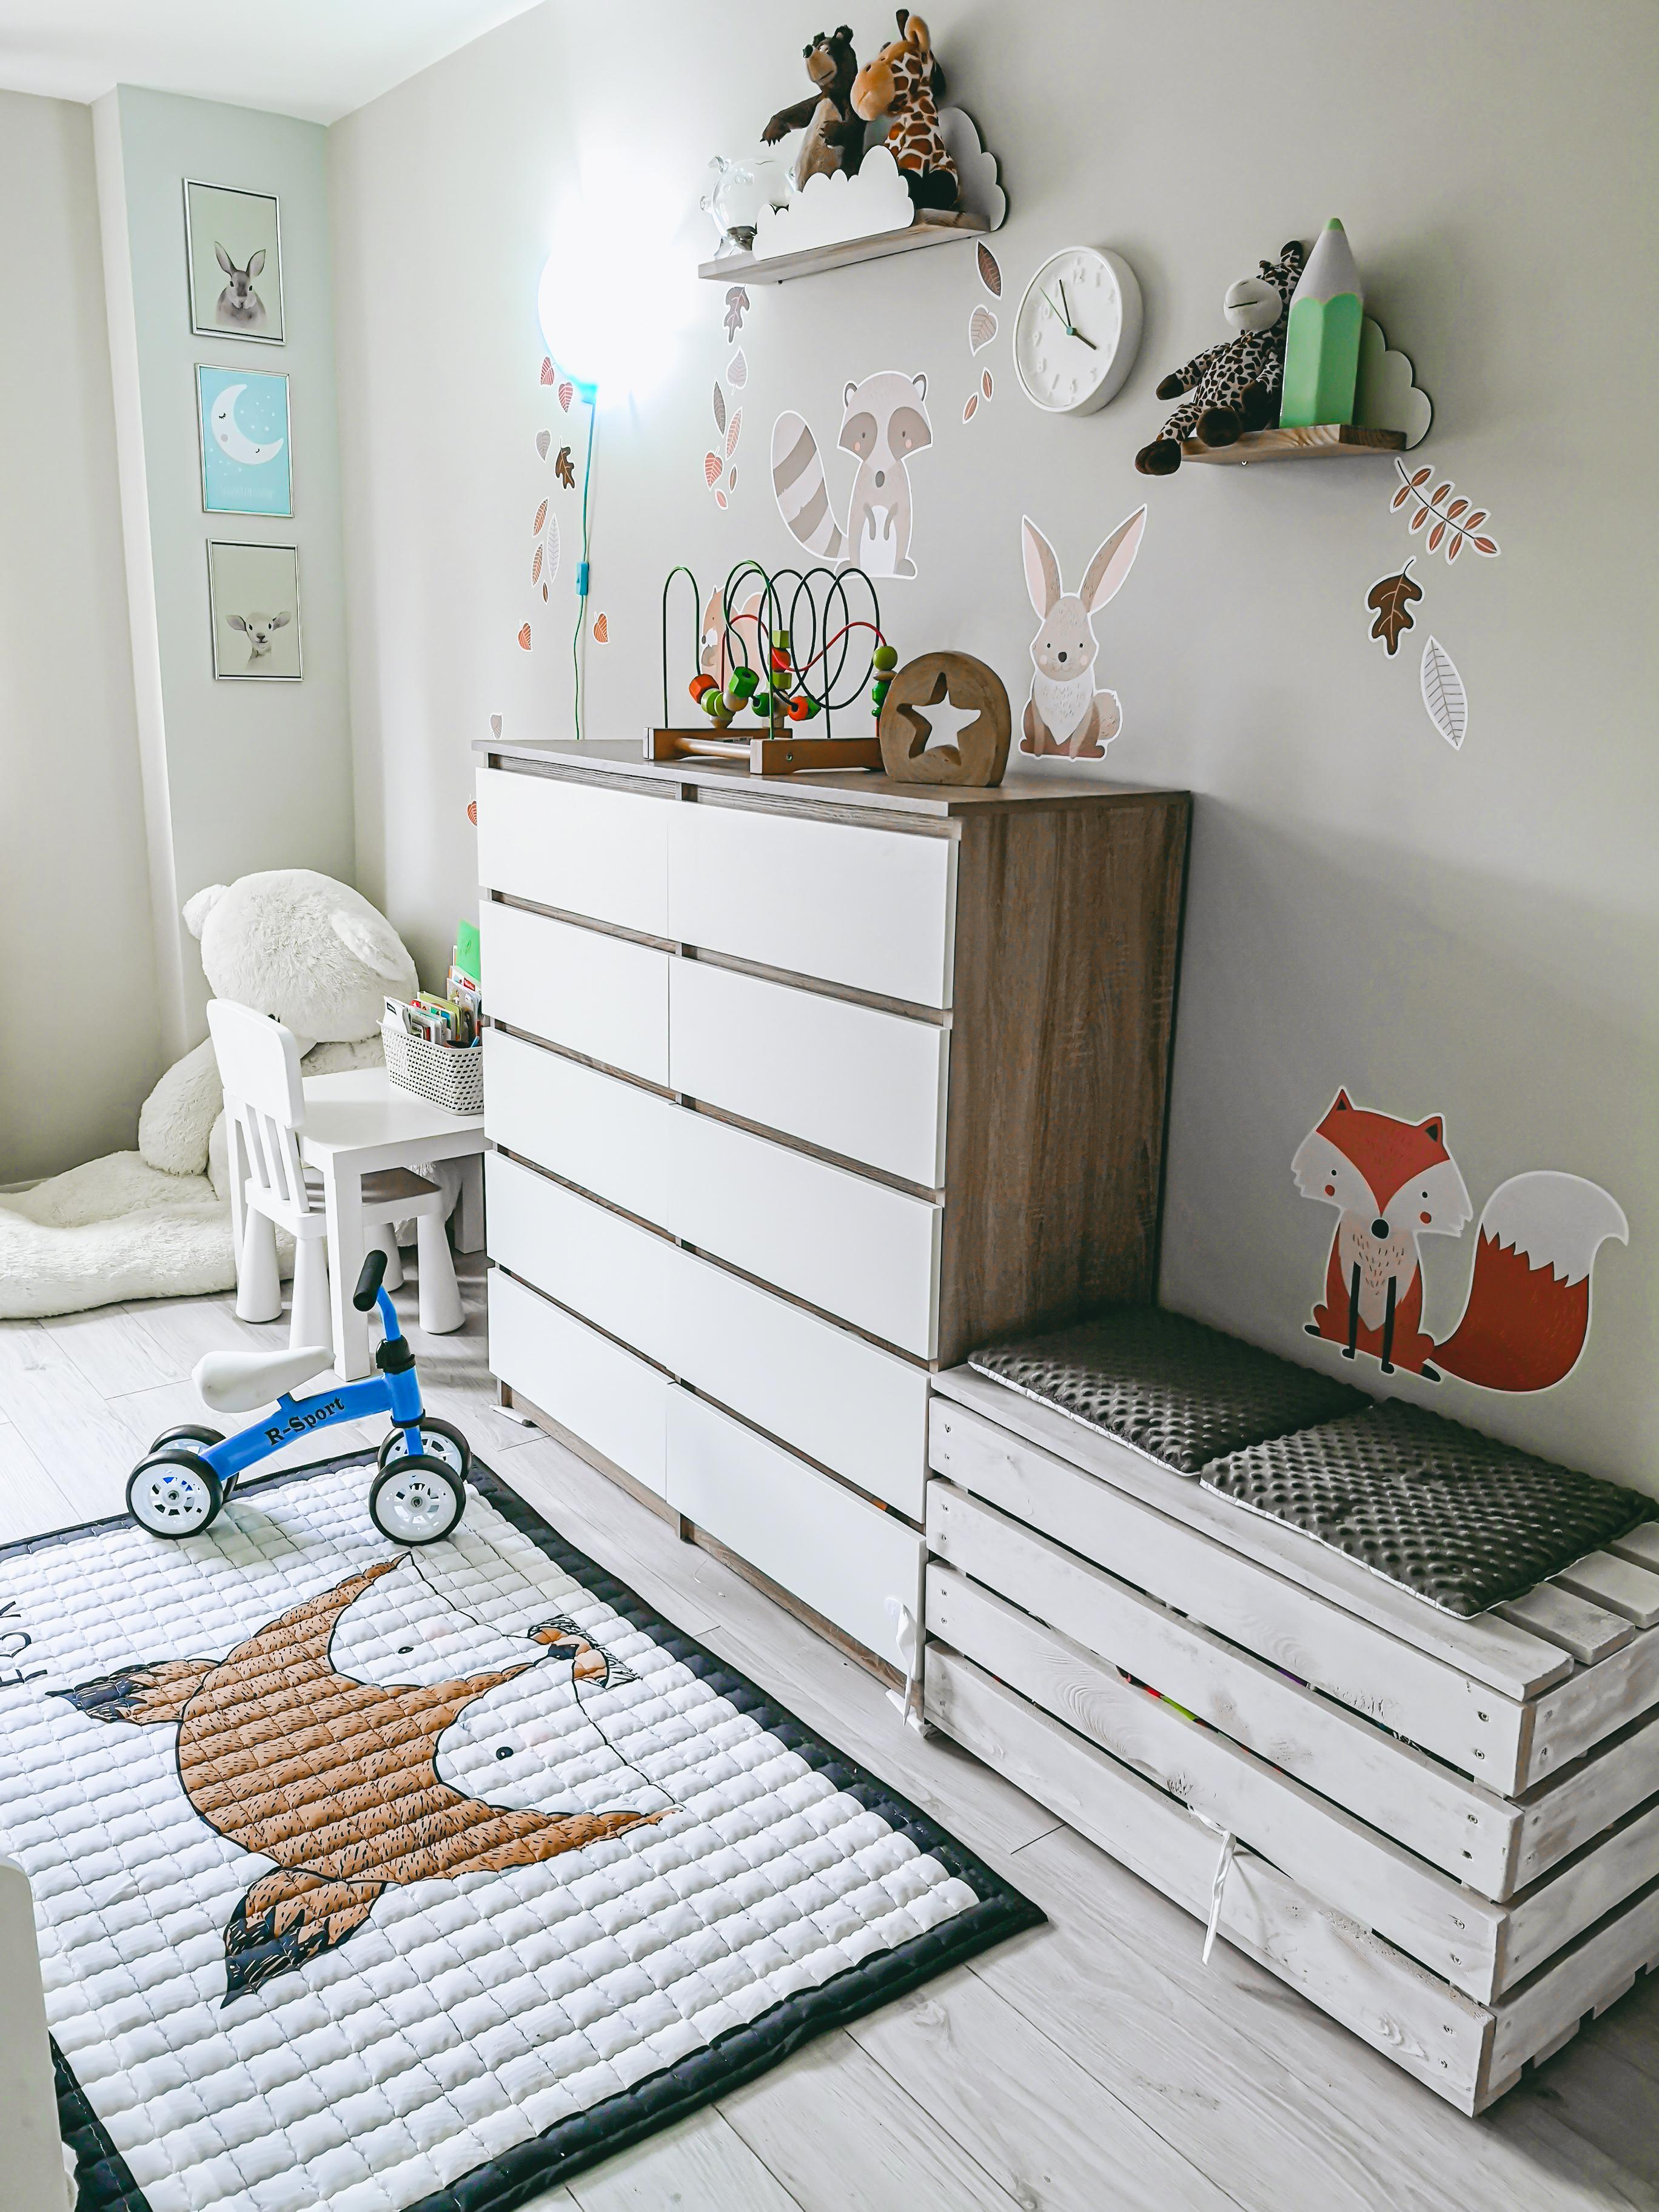 naklejki dekoracyjne dopokoju dziecka